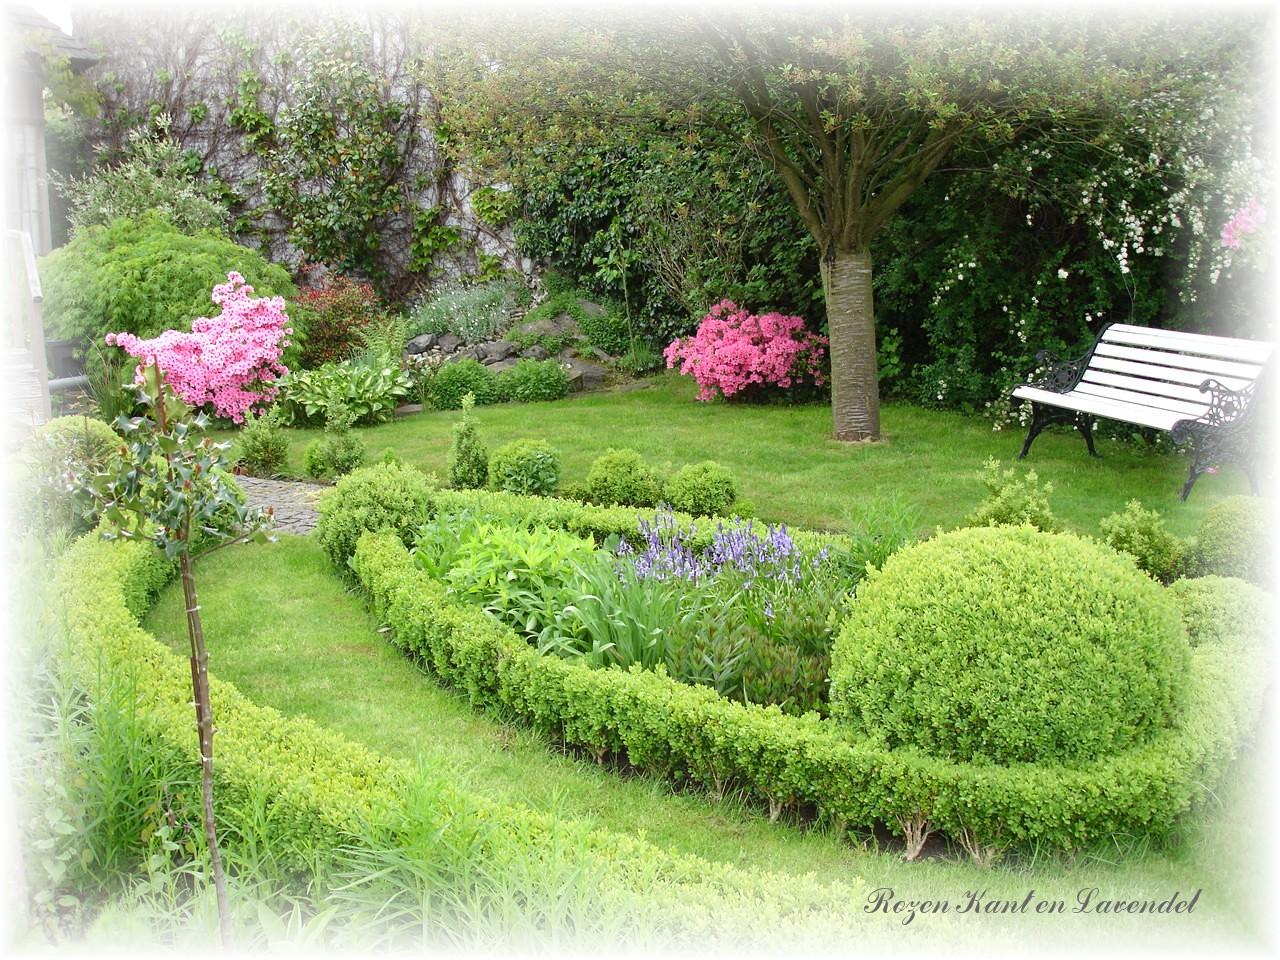 Rozen kant en lavendel mei de tuin op zijn mooist - Alle tuin ...